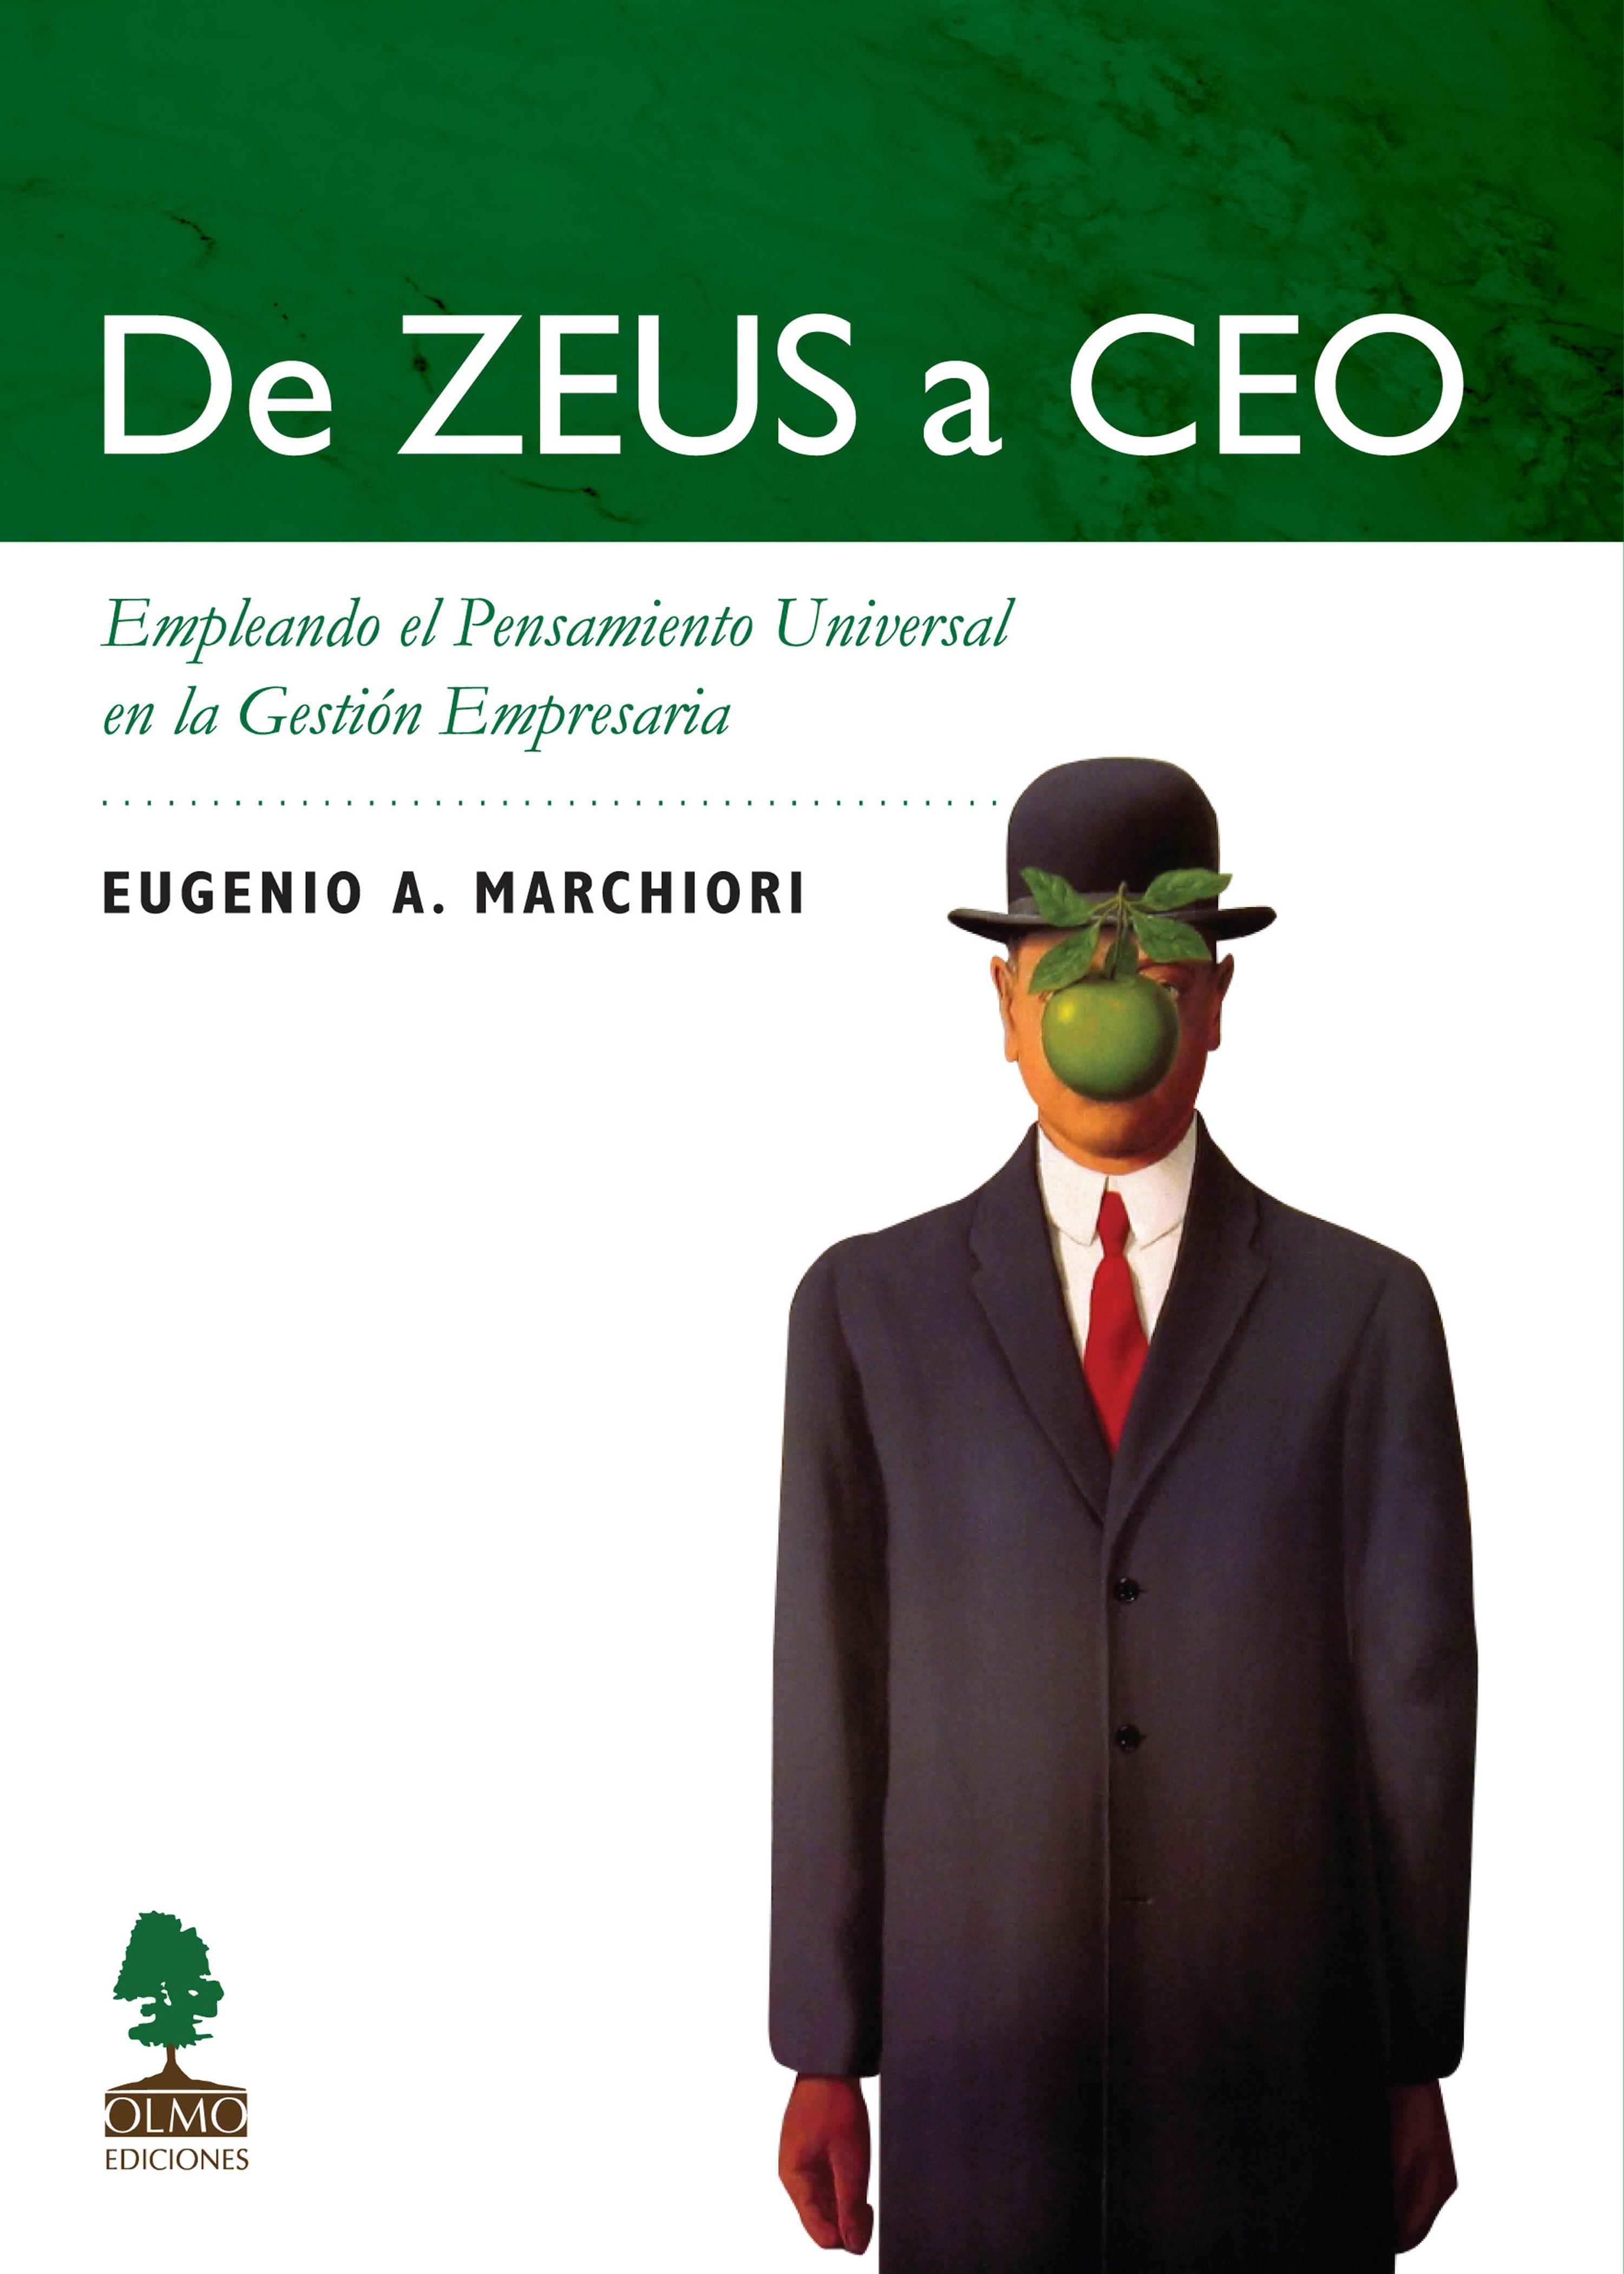 Resultado de imagen para eugenio marchiori